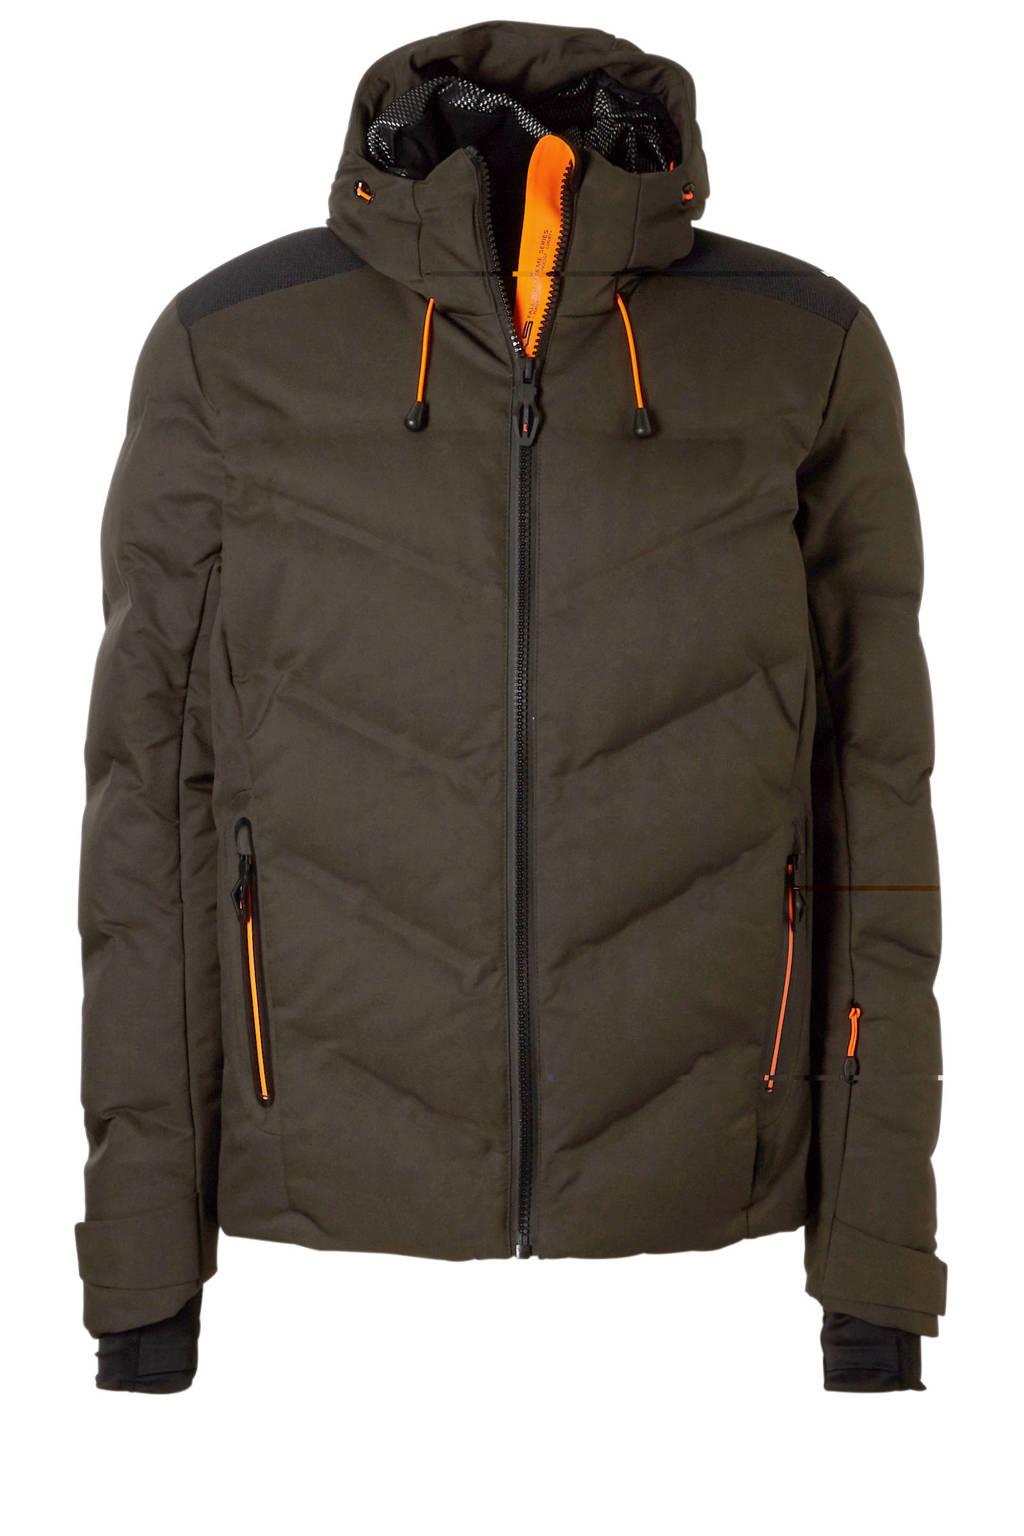 Falcon ski-jack zwart/olijfgroen, Olijfgroen/zwart